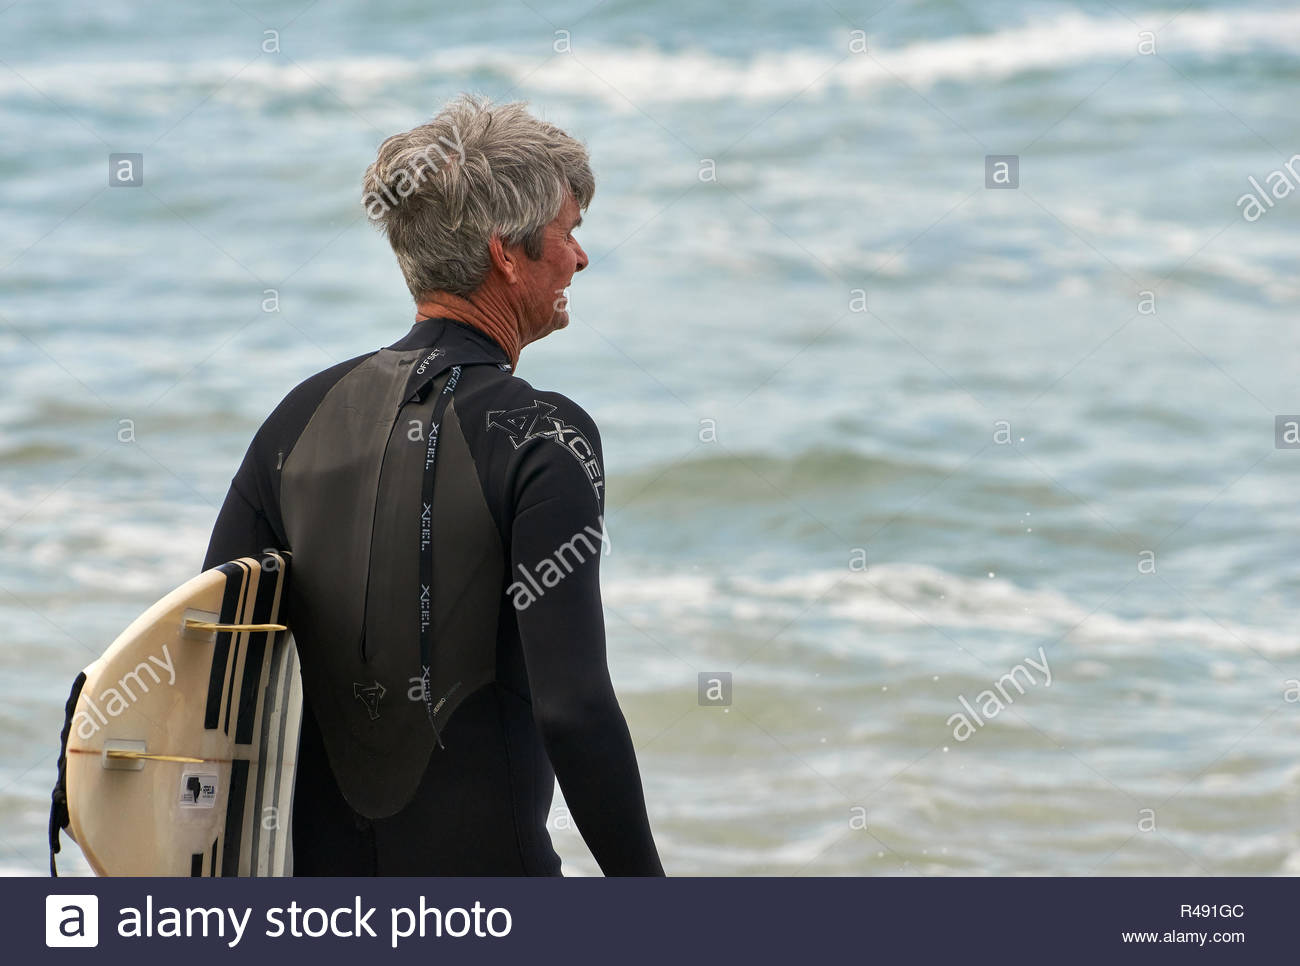 Un uomo di mezza età con capelli disordinati e nero muta, rilievi del rigonfiamento prima dell'immersione in con la sua tavola da surf; a tornitori Beach, Yamba, NSW, Australia. Immagini Stock